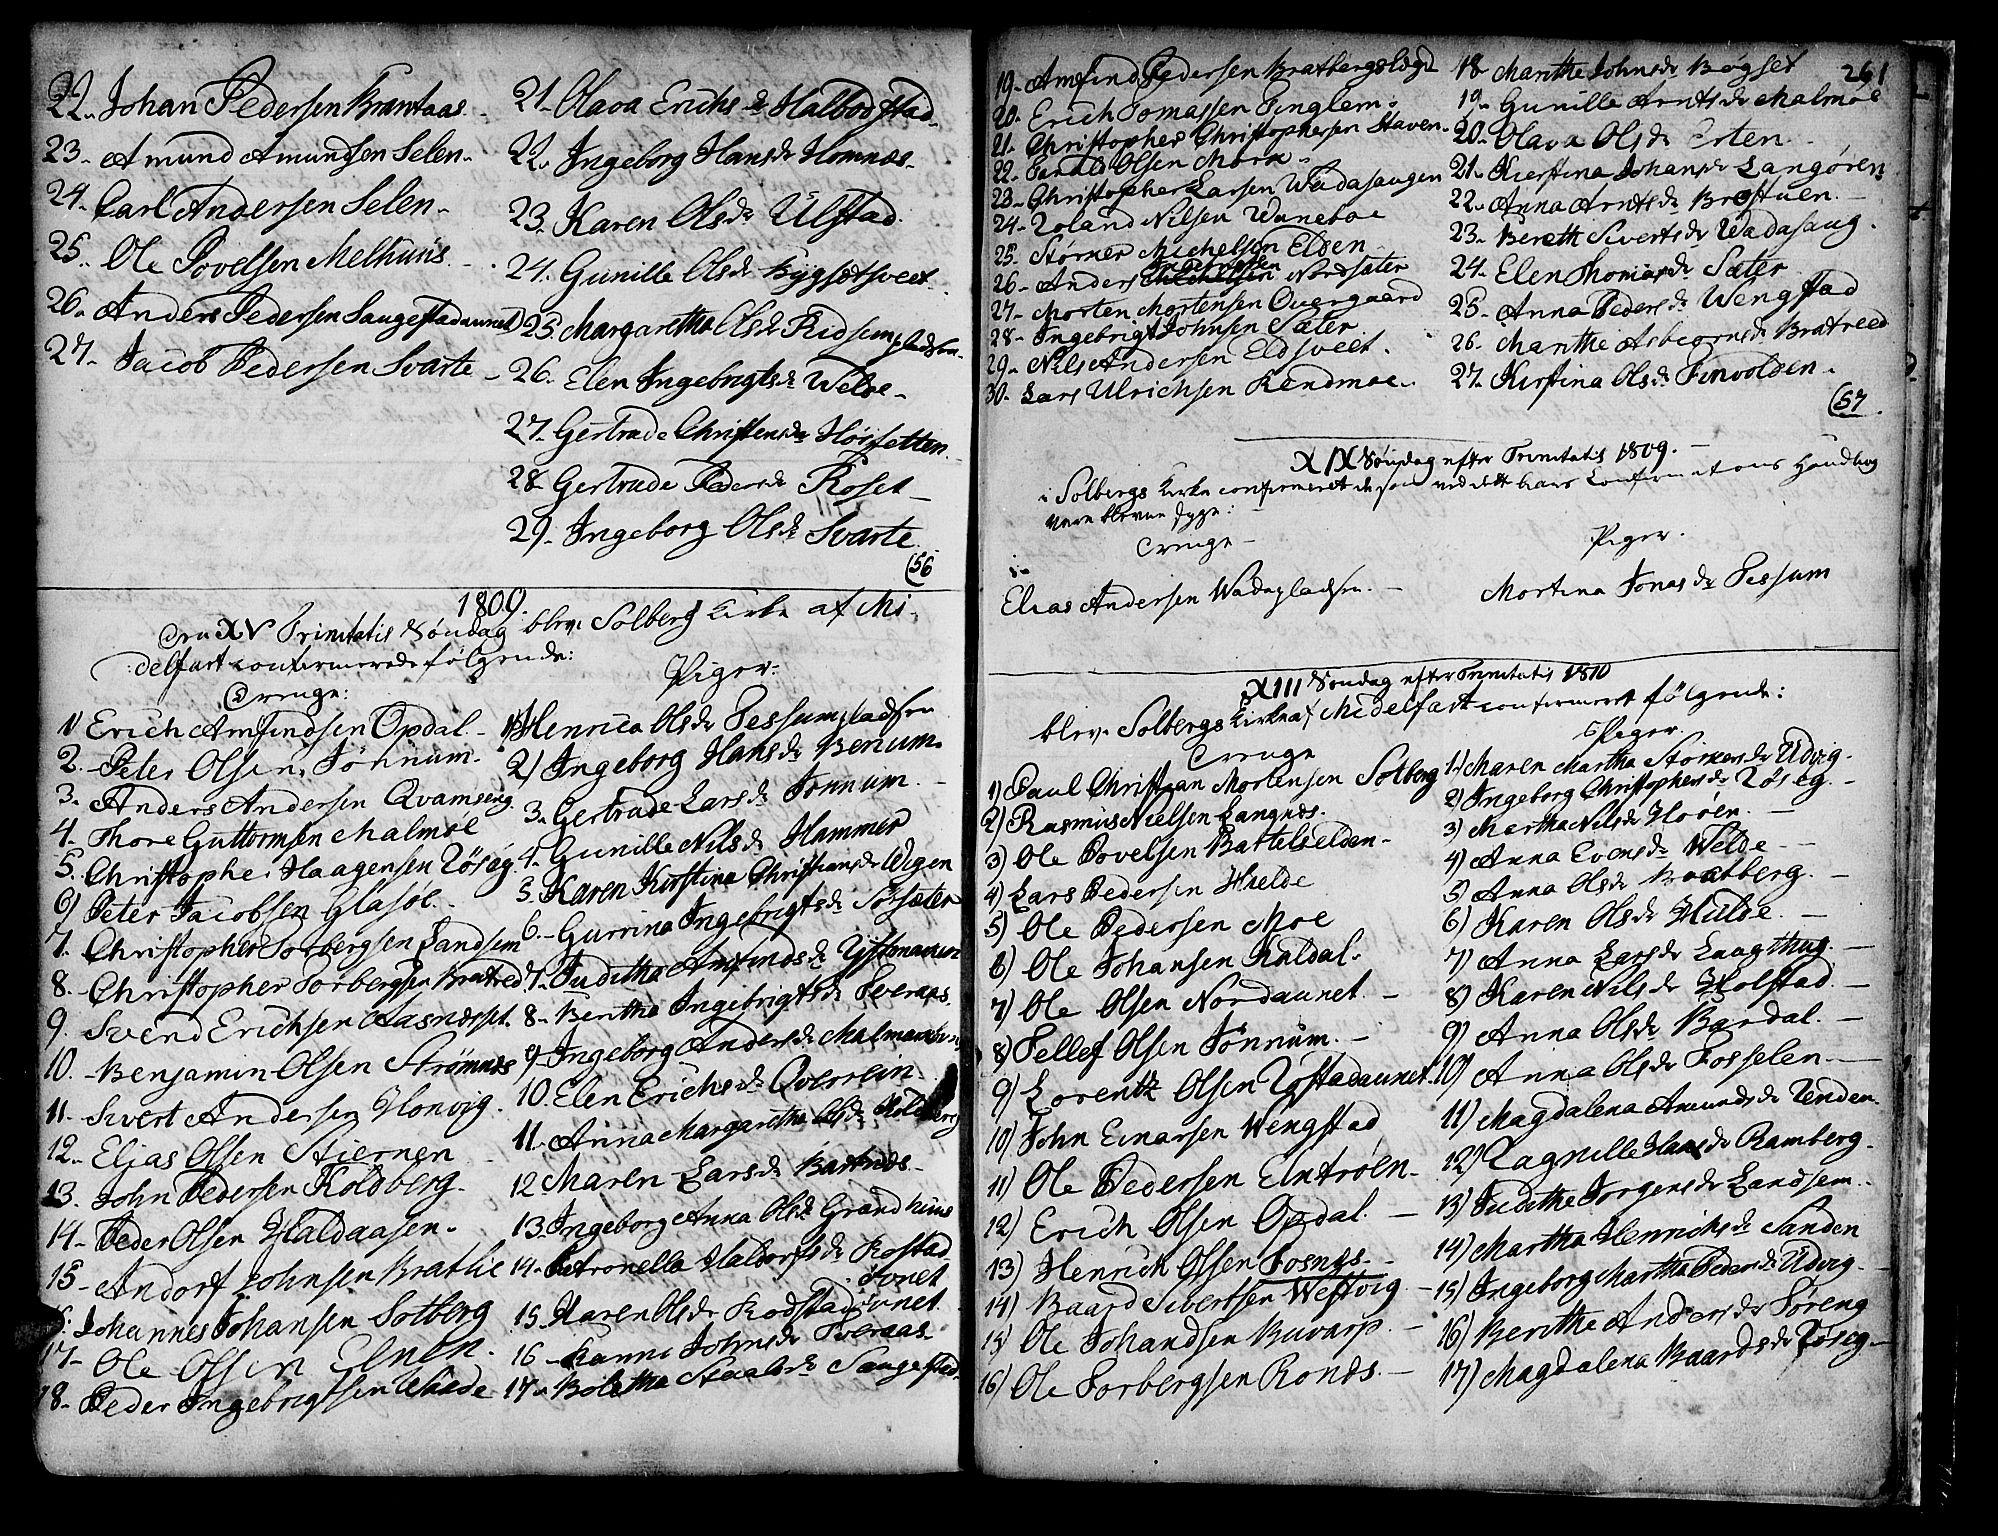 SAT, Ministerialprotokoller, klokkerbøker og fødselsregistre - Nord-Trøndelag, 741/L0385: Ministerialbok nr. 741A01, 1722-1815, s. 261